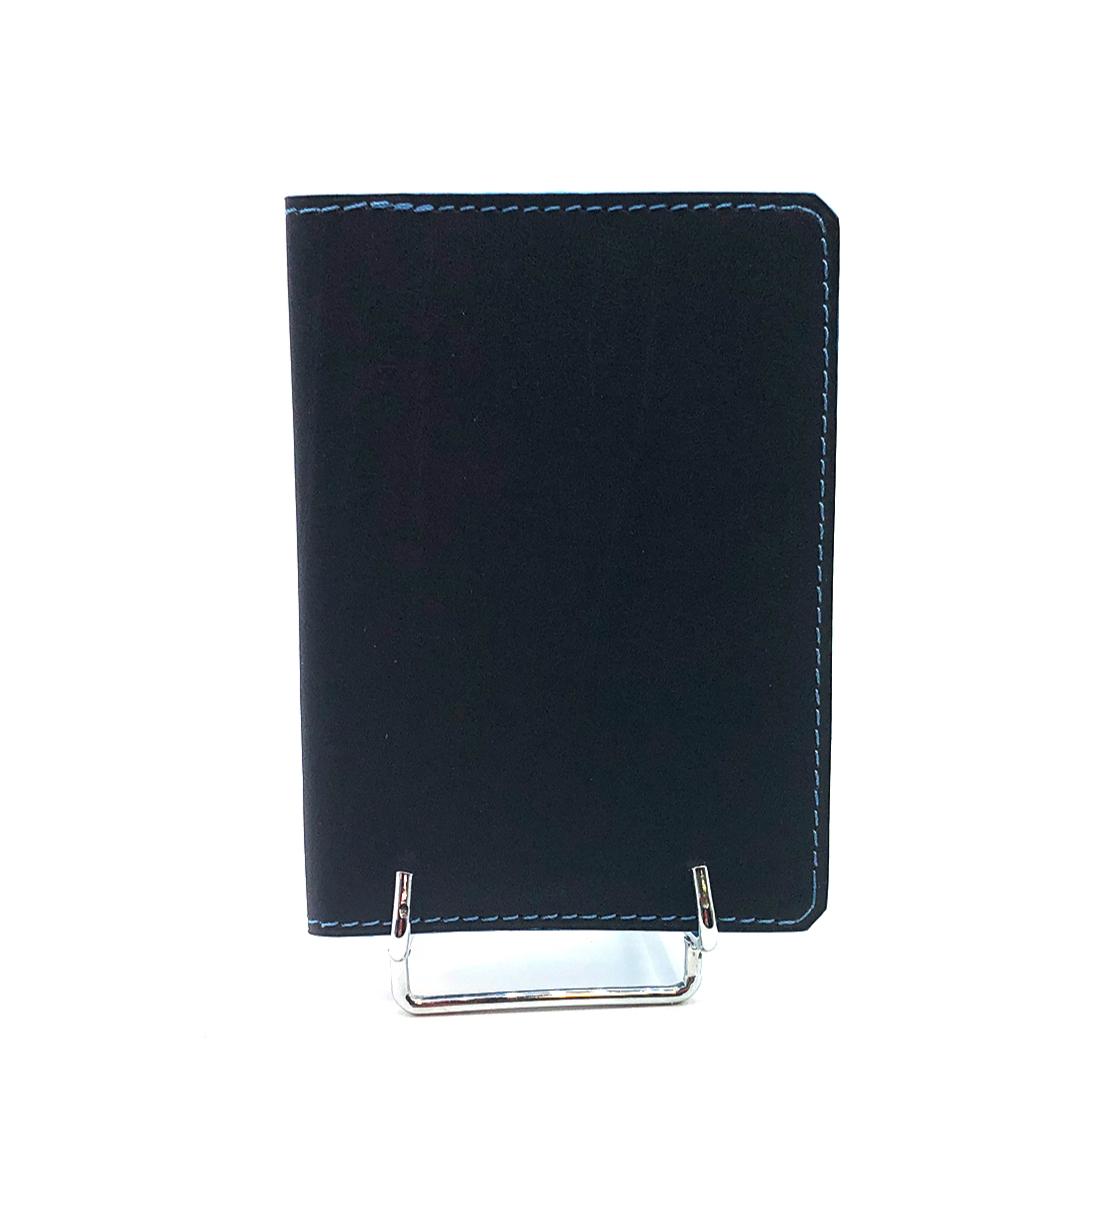 Porte carte Clément cuir lisse bleu foncé